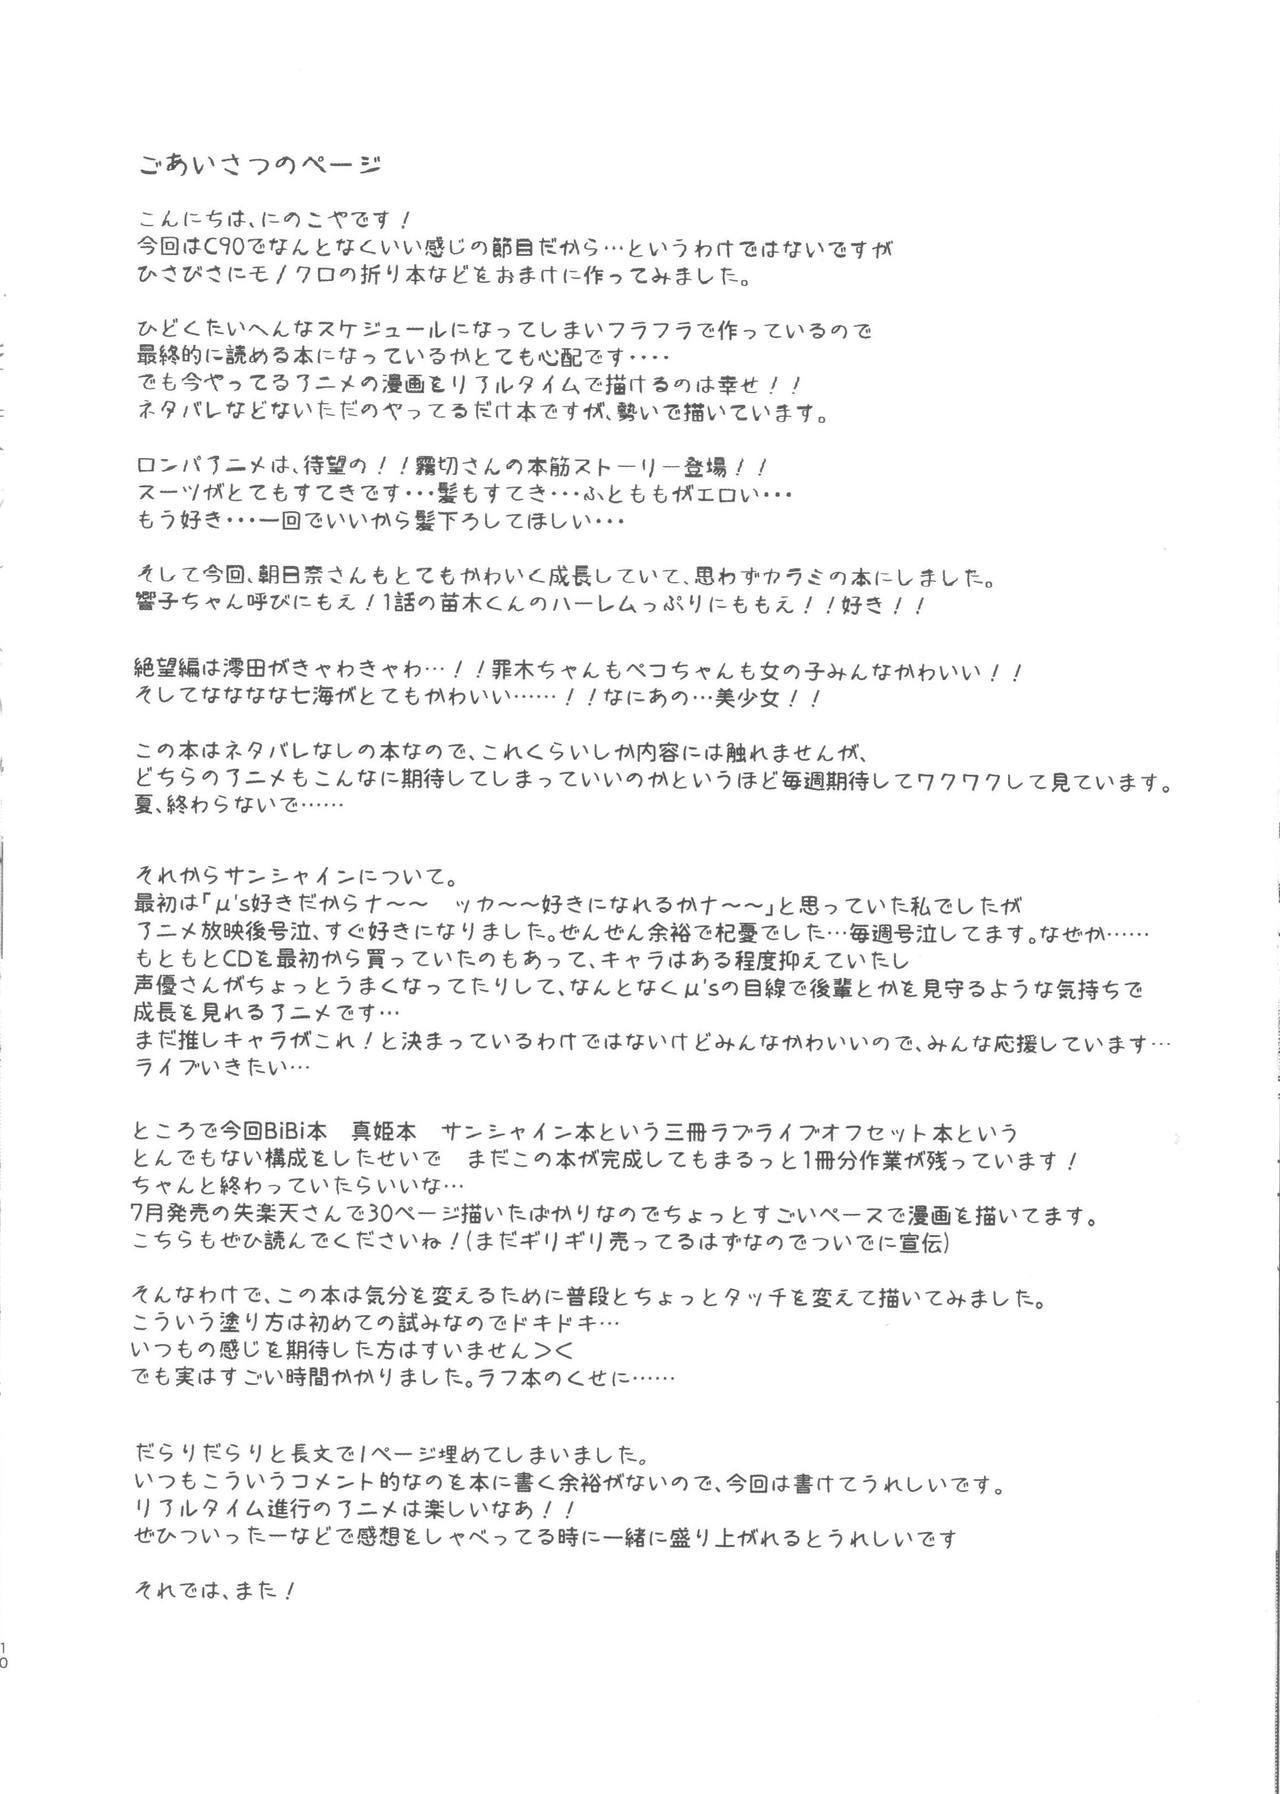 Ninokoya C90 Omake Orihon 10